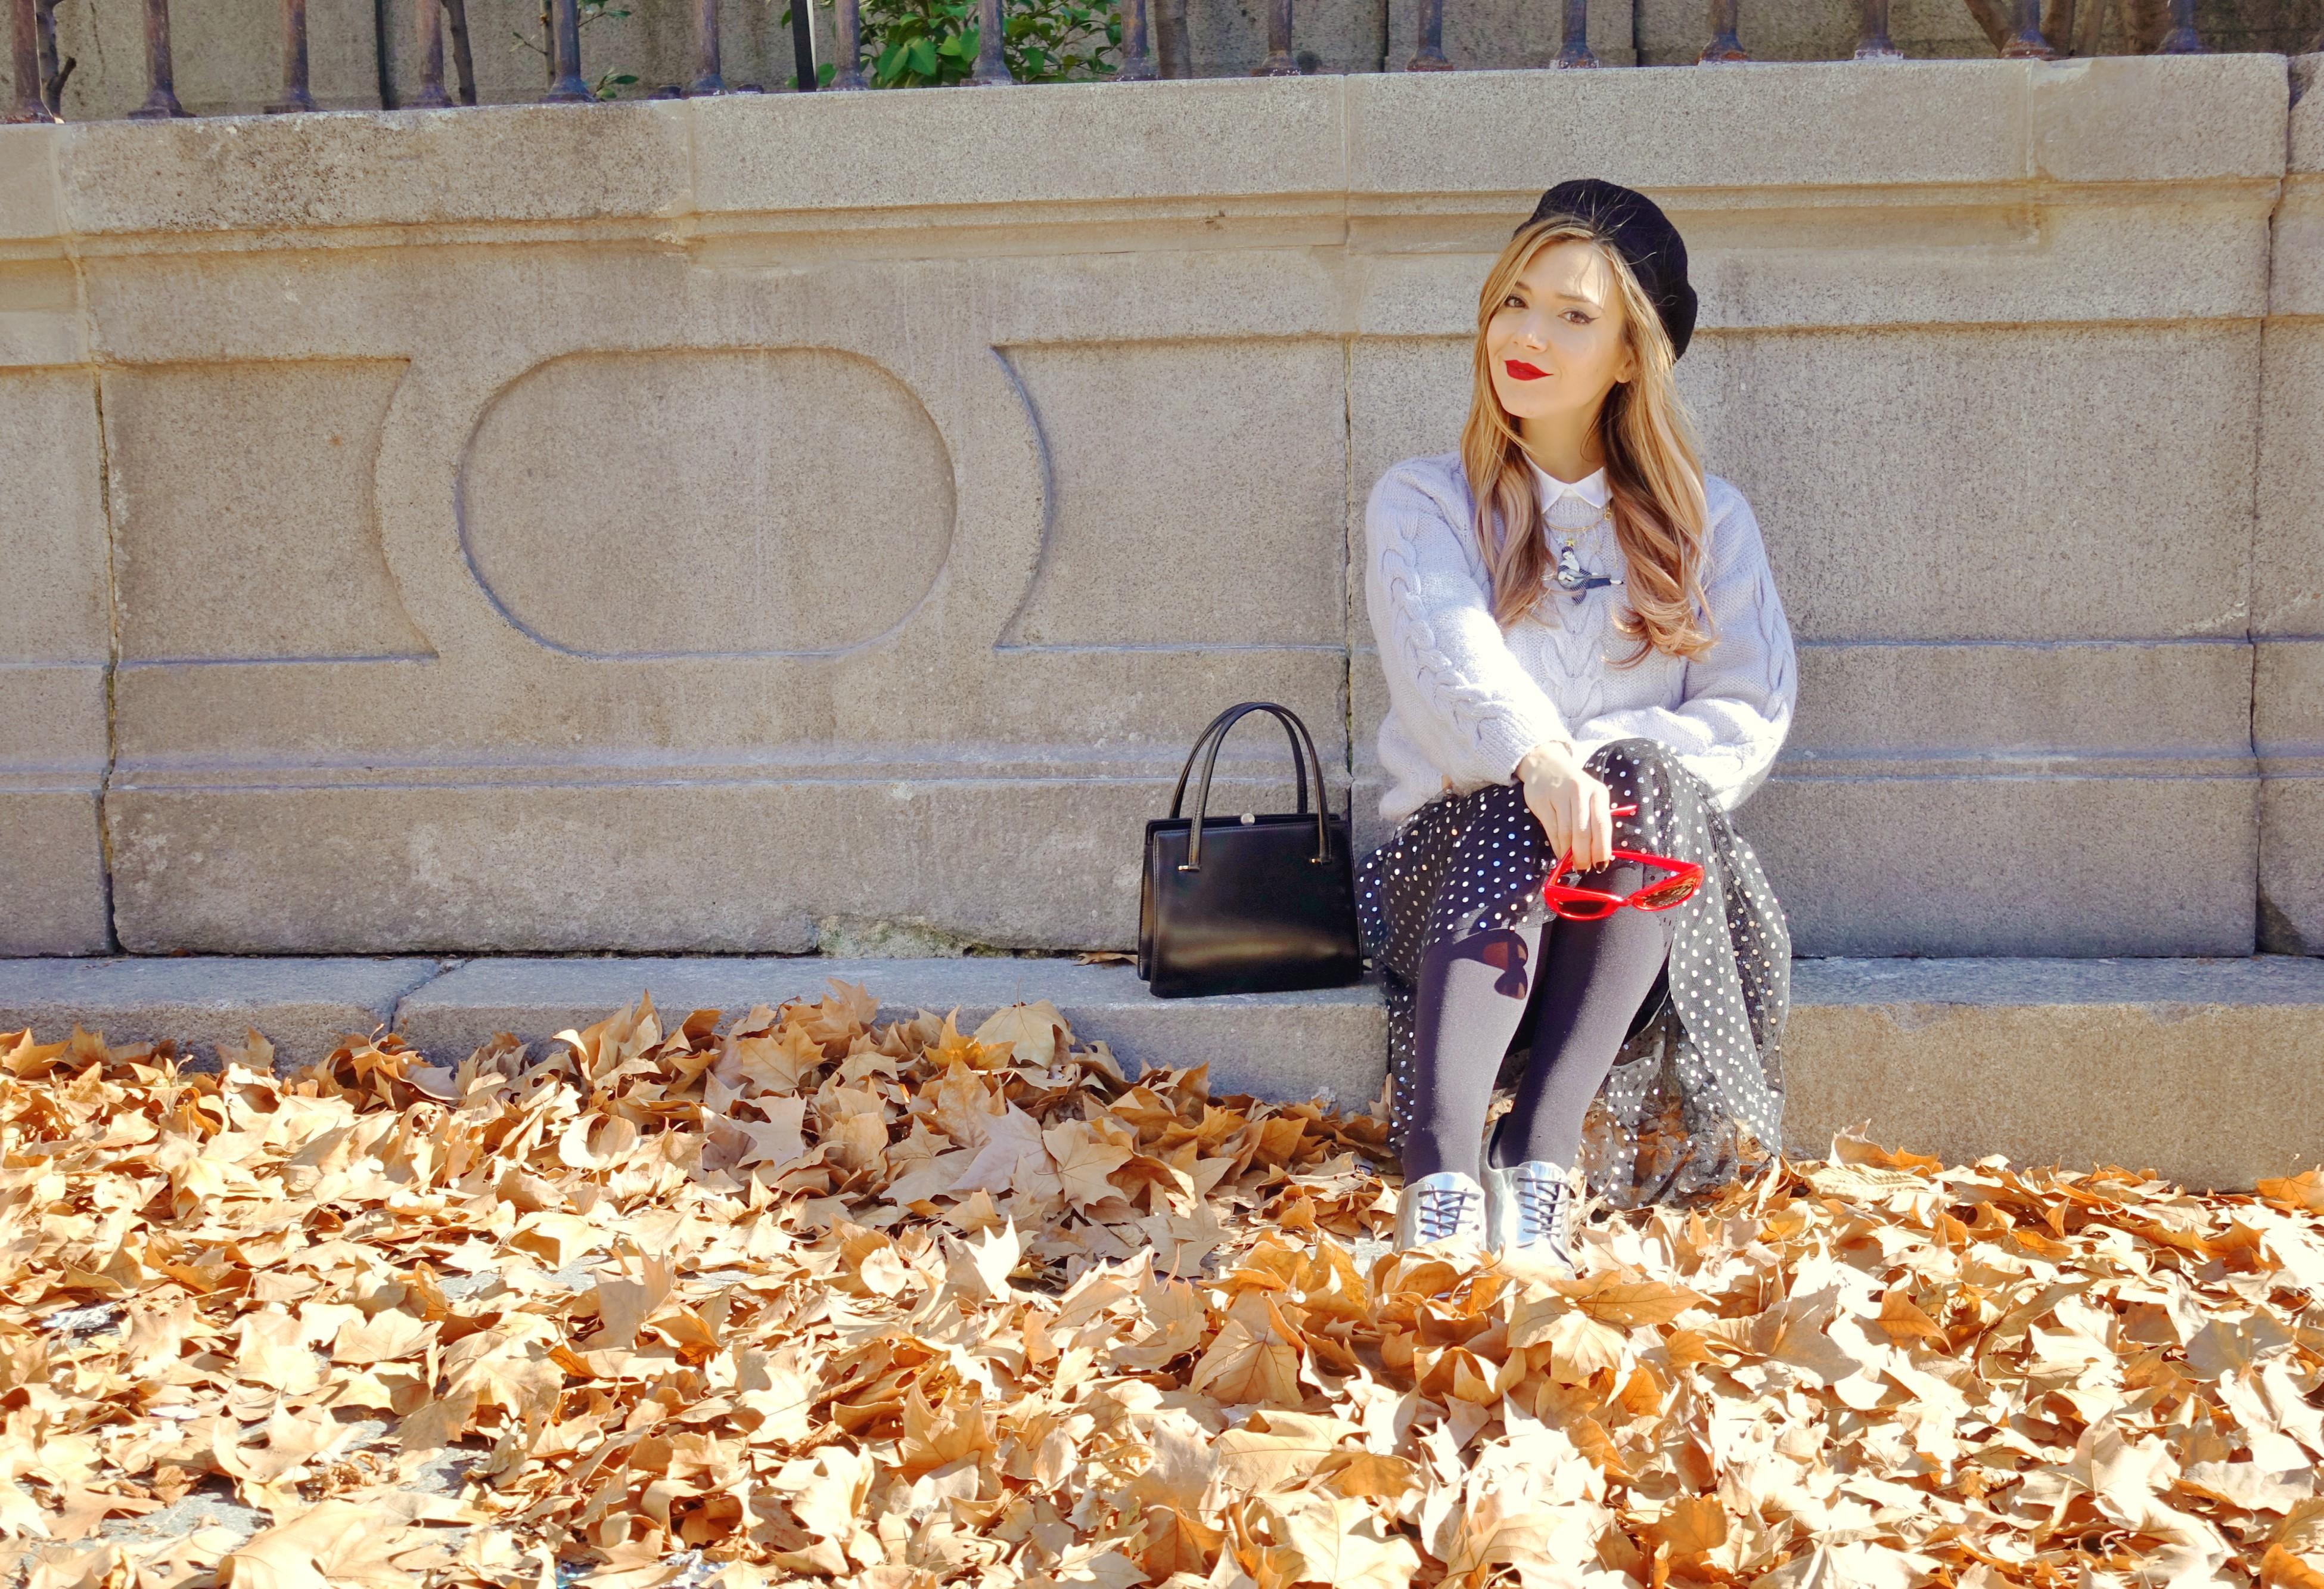 Vintage-look-blog-de-moda-accesorios-laliblue-ChicAdicta-influencer-fashionista-Chic-Adicta-boina-outfit-PiensaenChic-Piensa-en-Chic